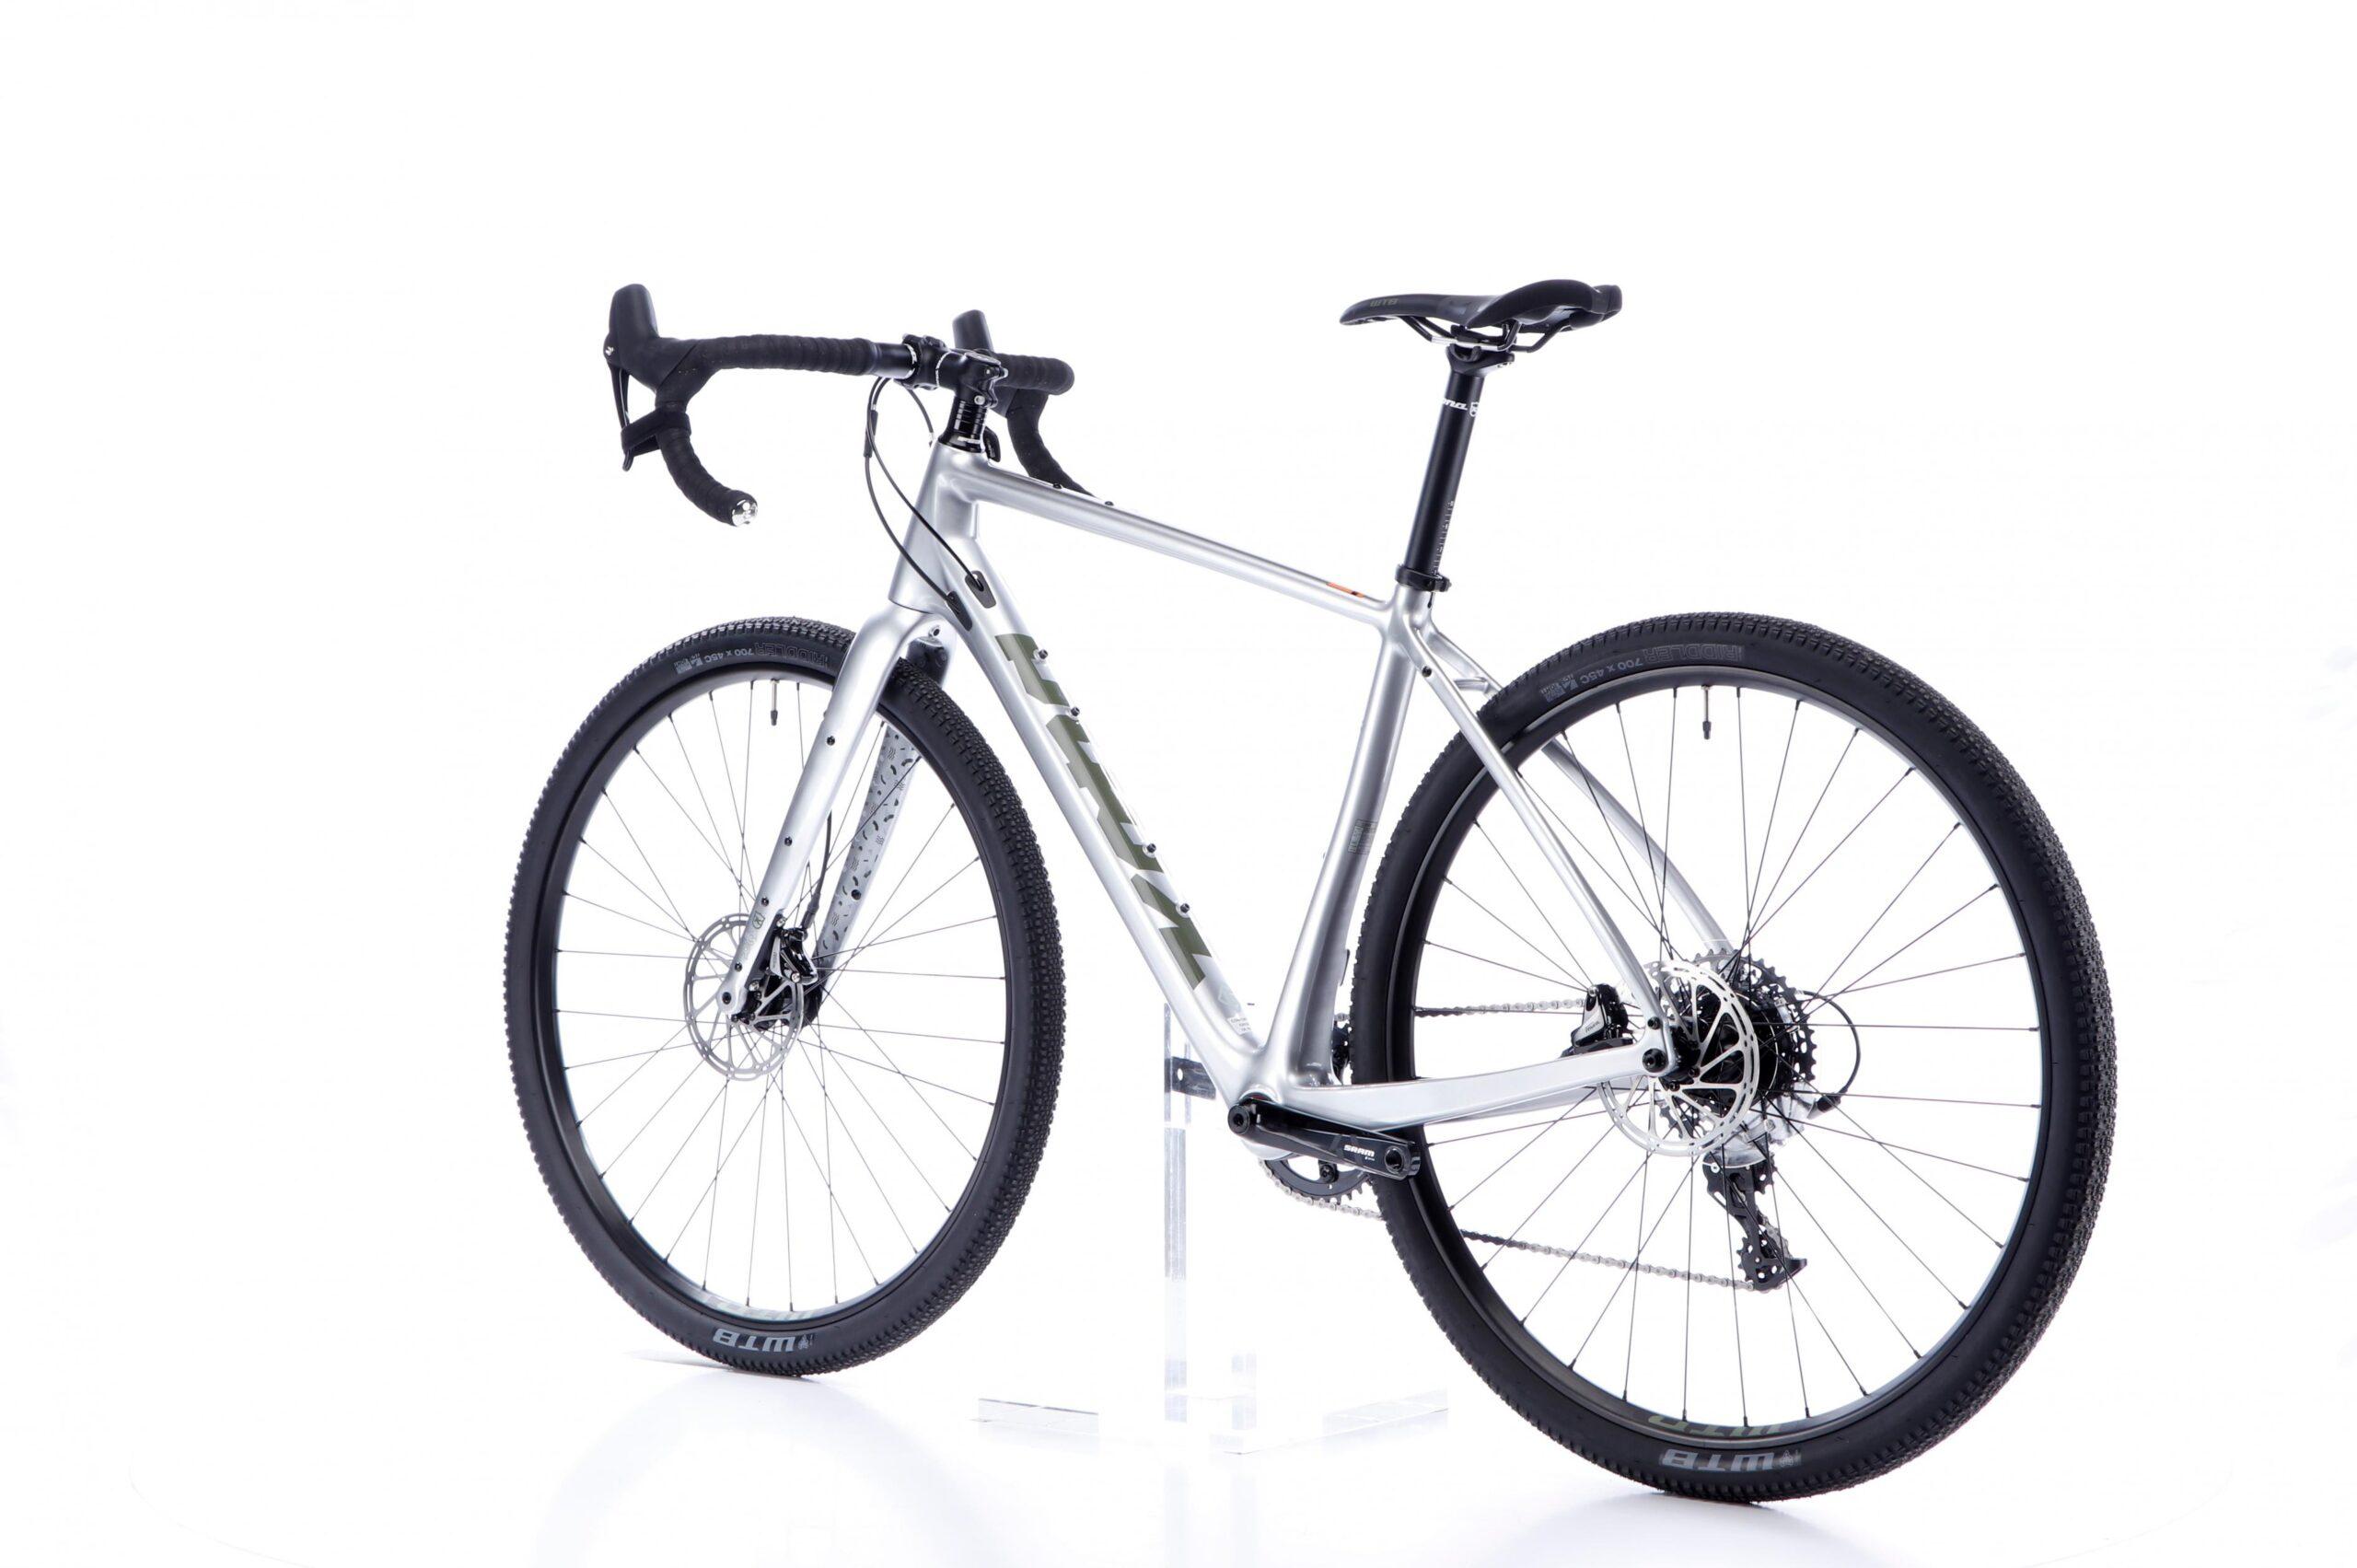 Kona_Libre_Carbon_Gravel-__Cyclocross_Bikes_7gaDW3ExShn8Sw